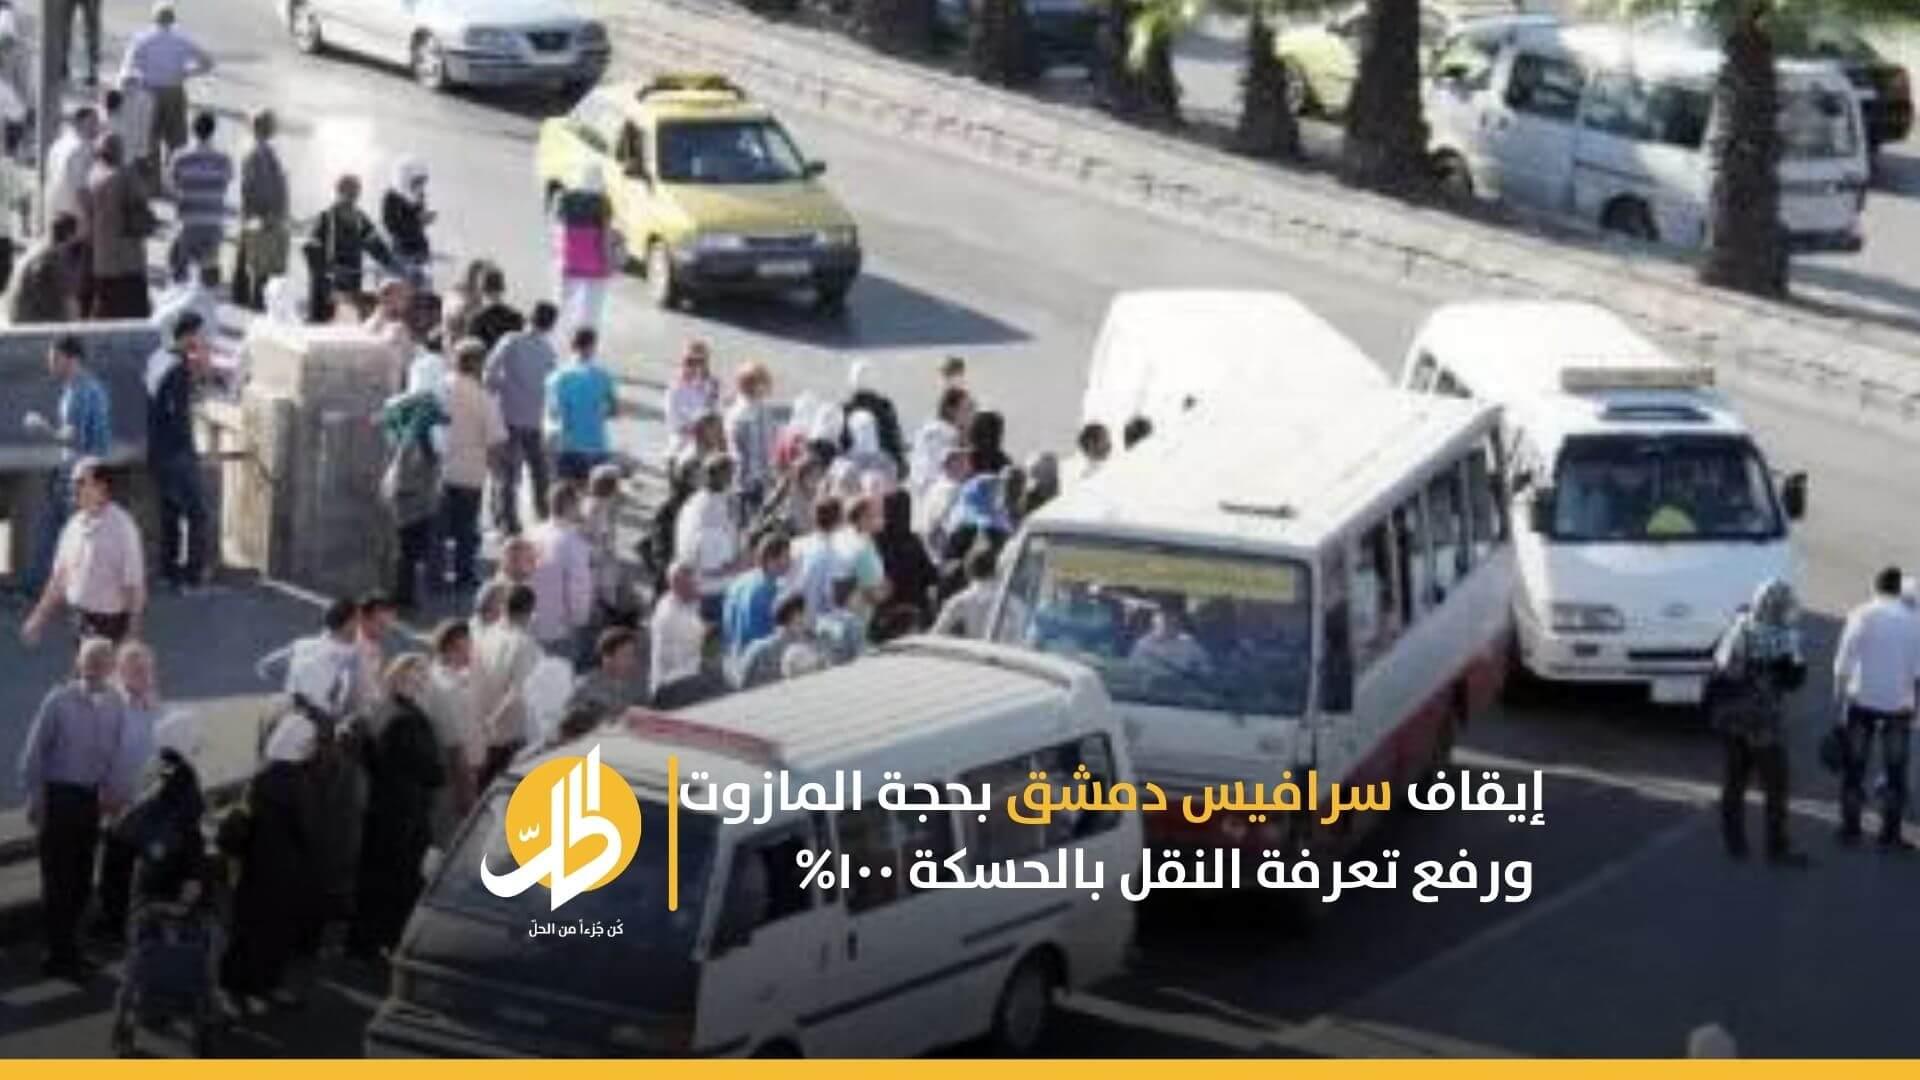 إيقاف سرافيس دمشق بحجة المازوت.. ورفع تعرفة النقل بالحسكة ١٠٠%